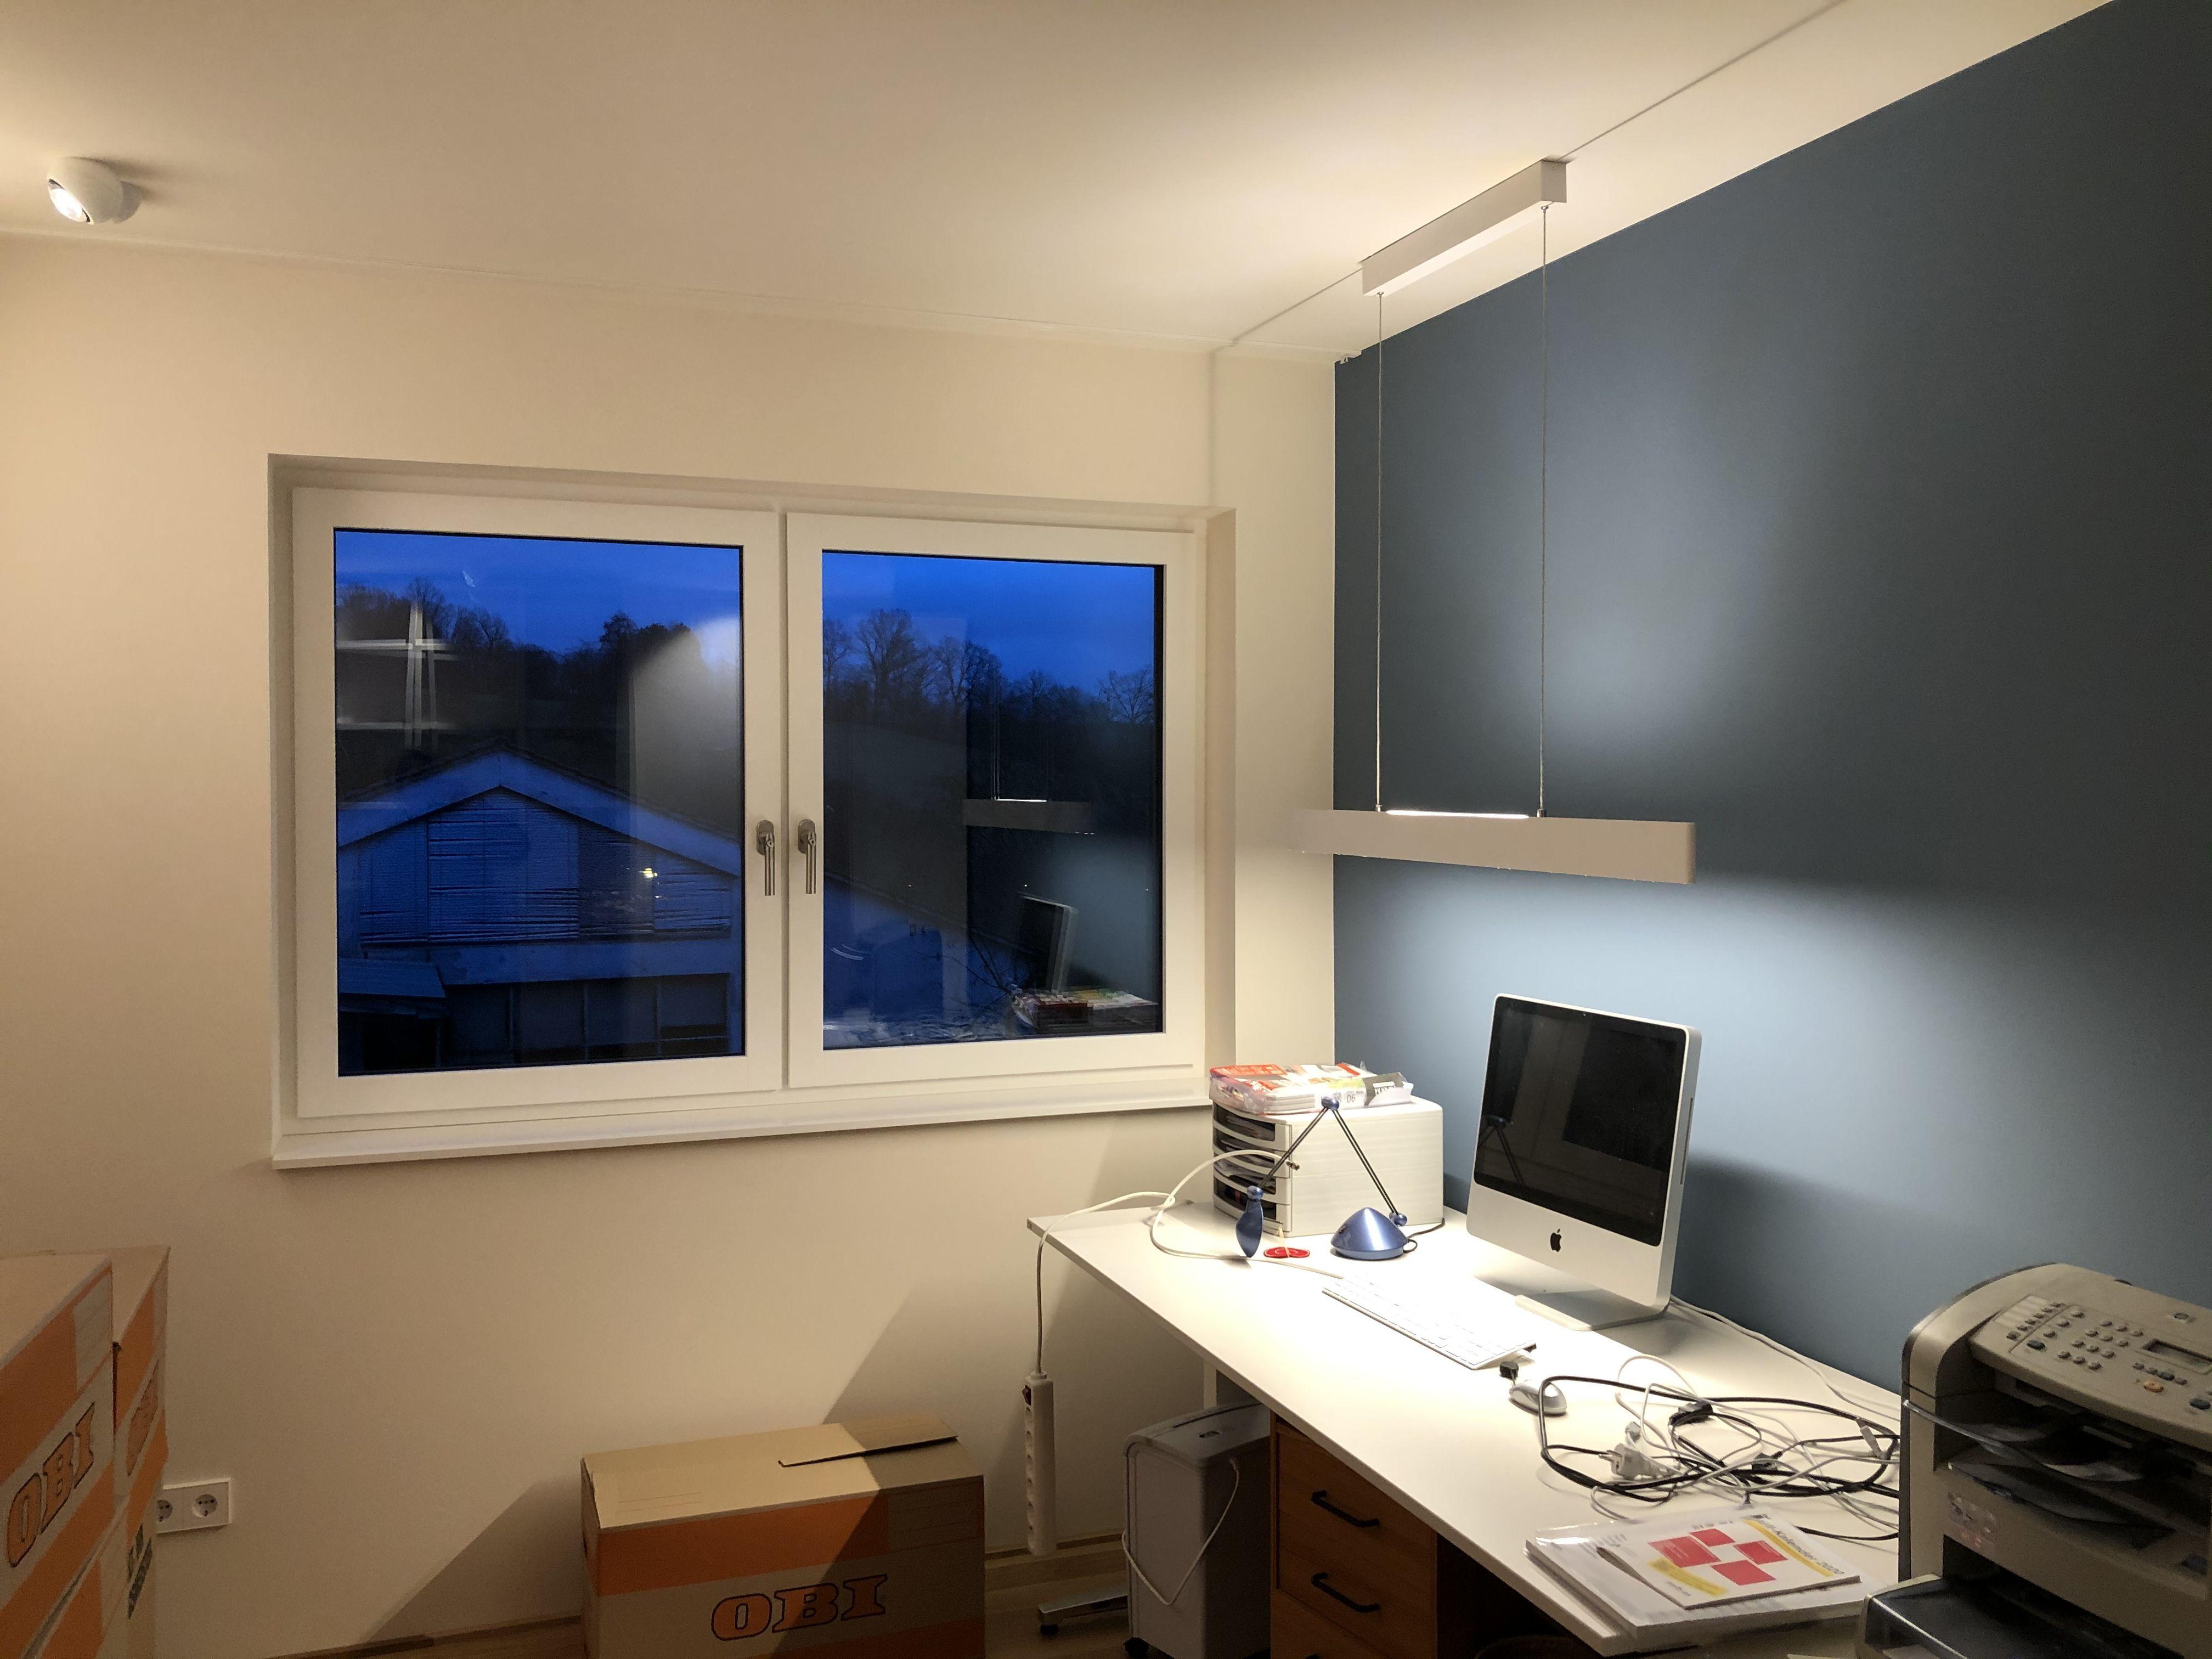 Das Eigene Buro Zuhause Muss Nicht Aussehen Wie Ein Buro Mit Der Richtig Geplanten Beleuchtung Ist Es Arbei In 2020 Beleuchtungskonzepte Burobeleuchtung Lichtplanung